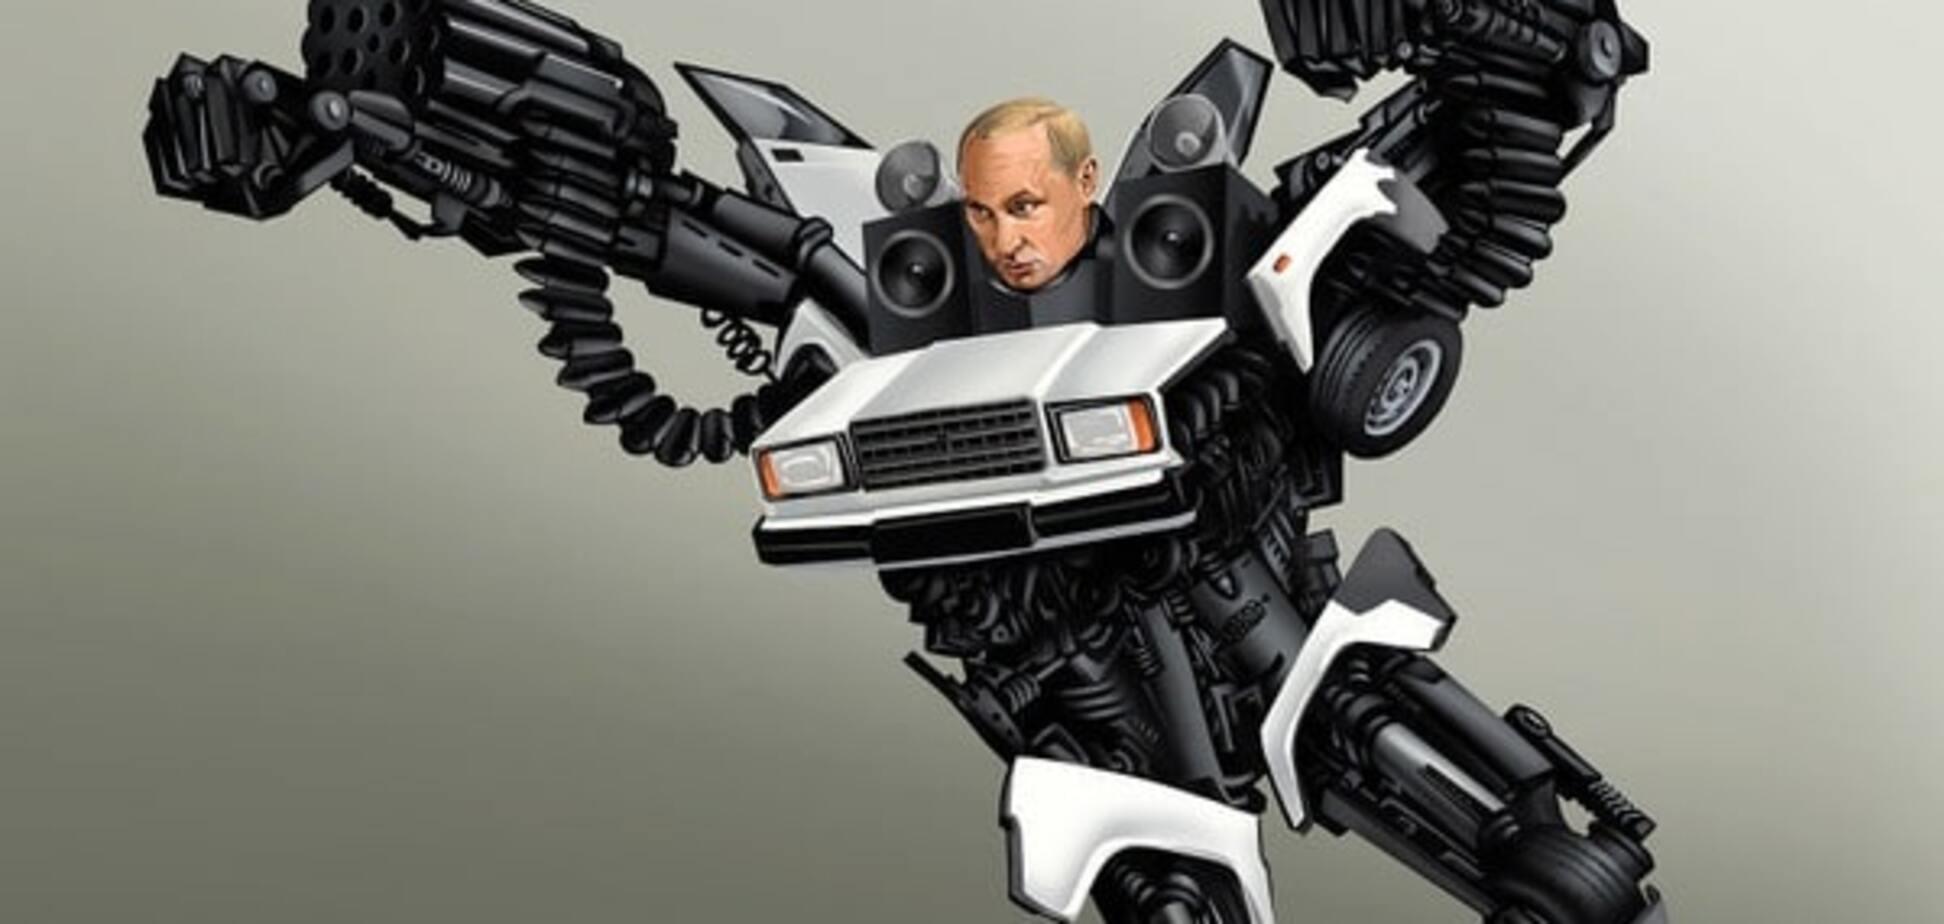 Художник изобразил Путина, Обаму и других политиков роботами: фотофакт